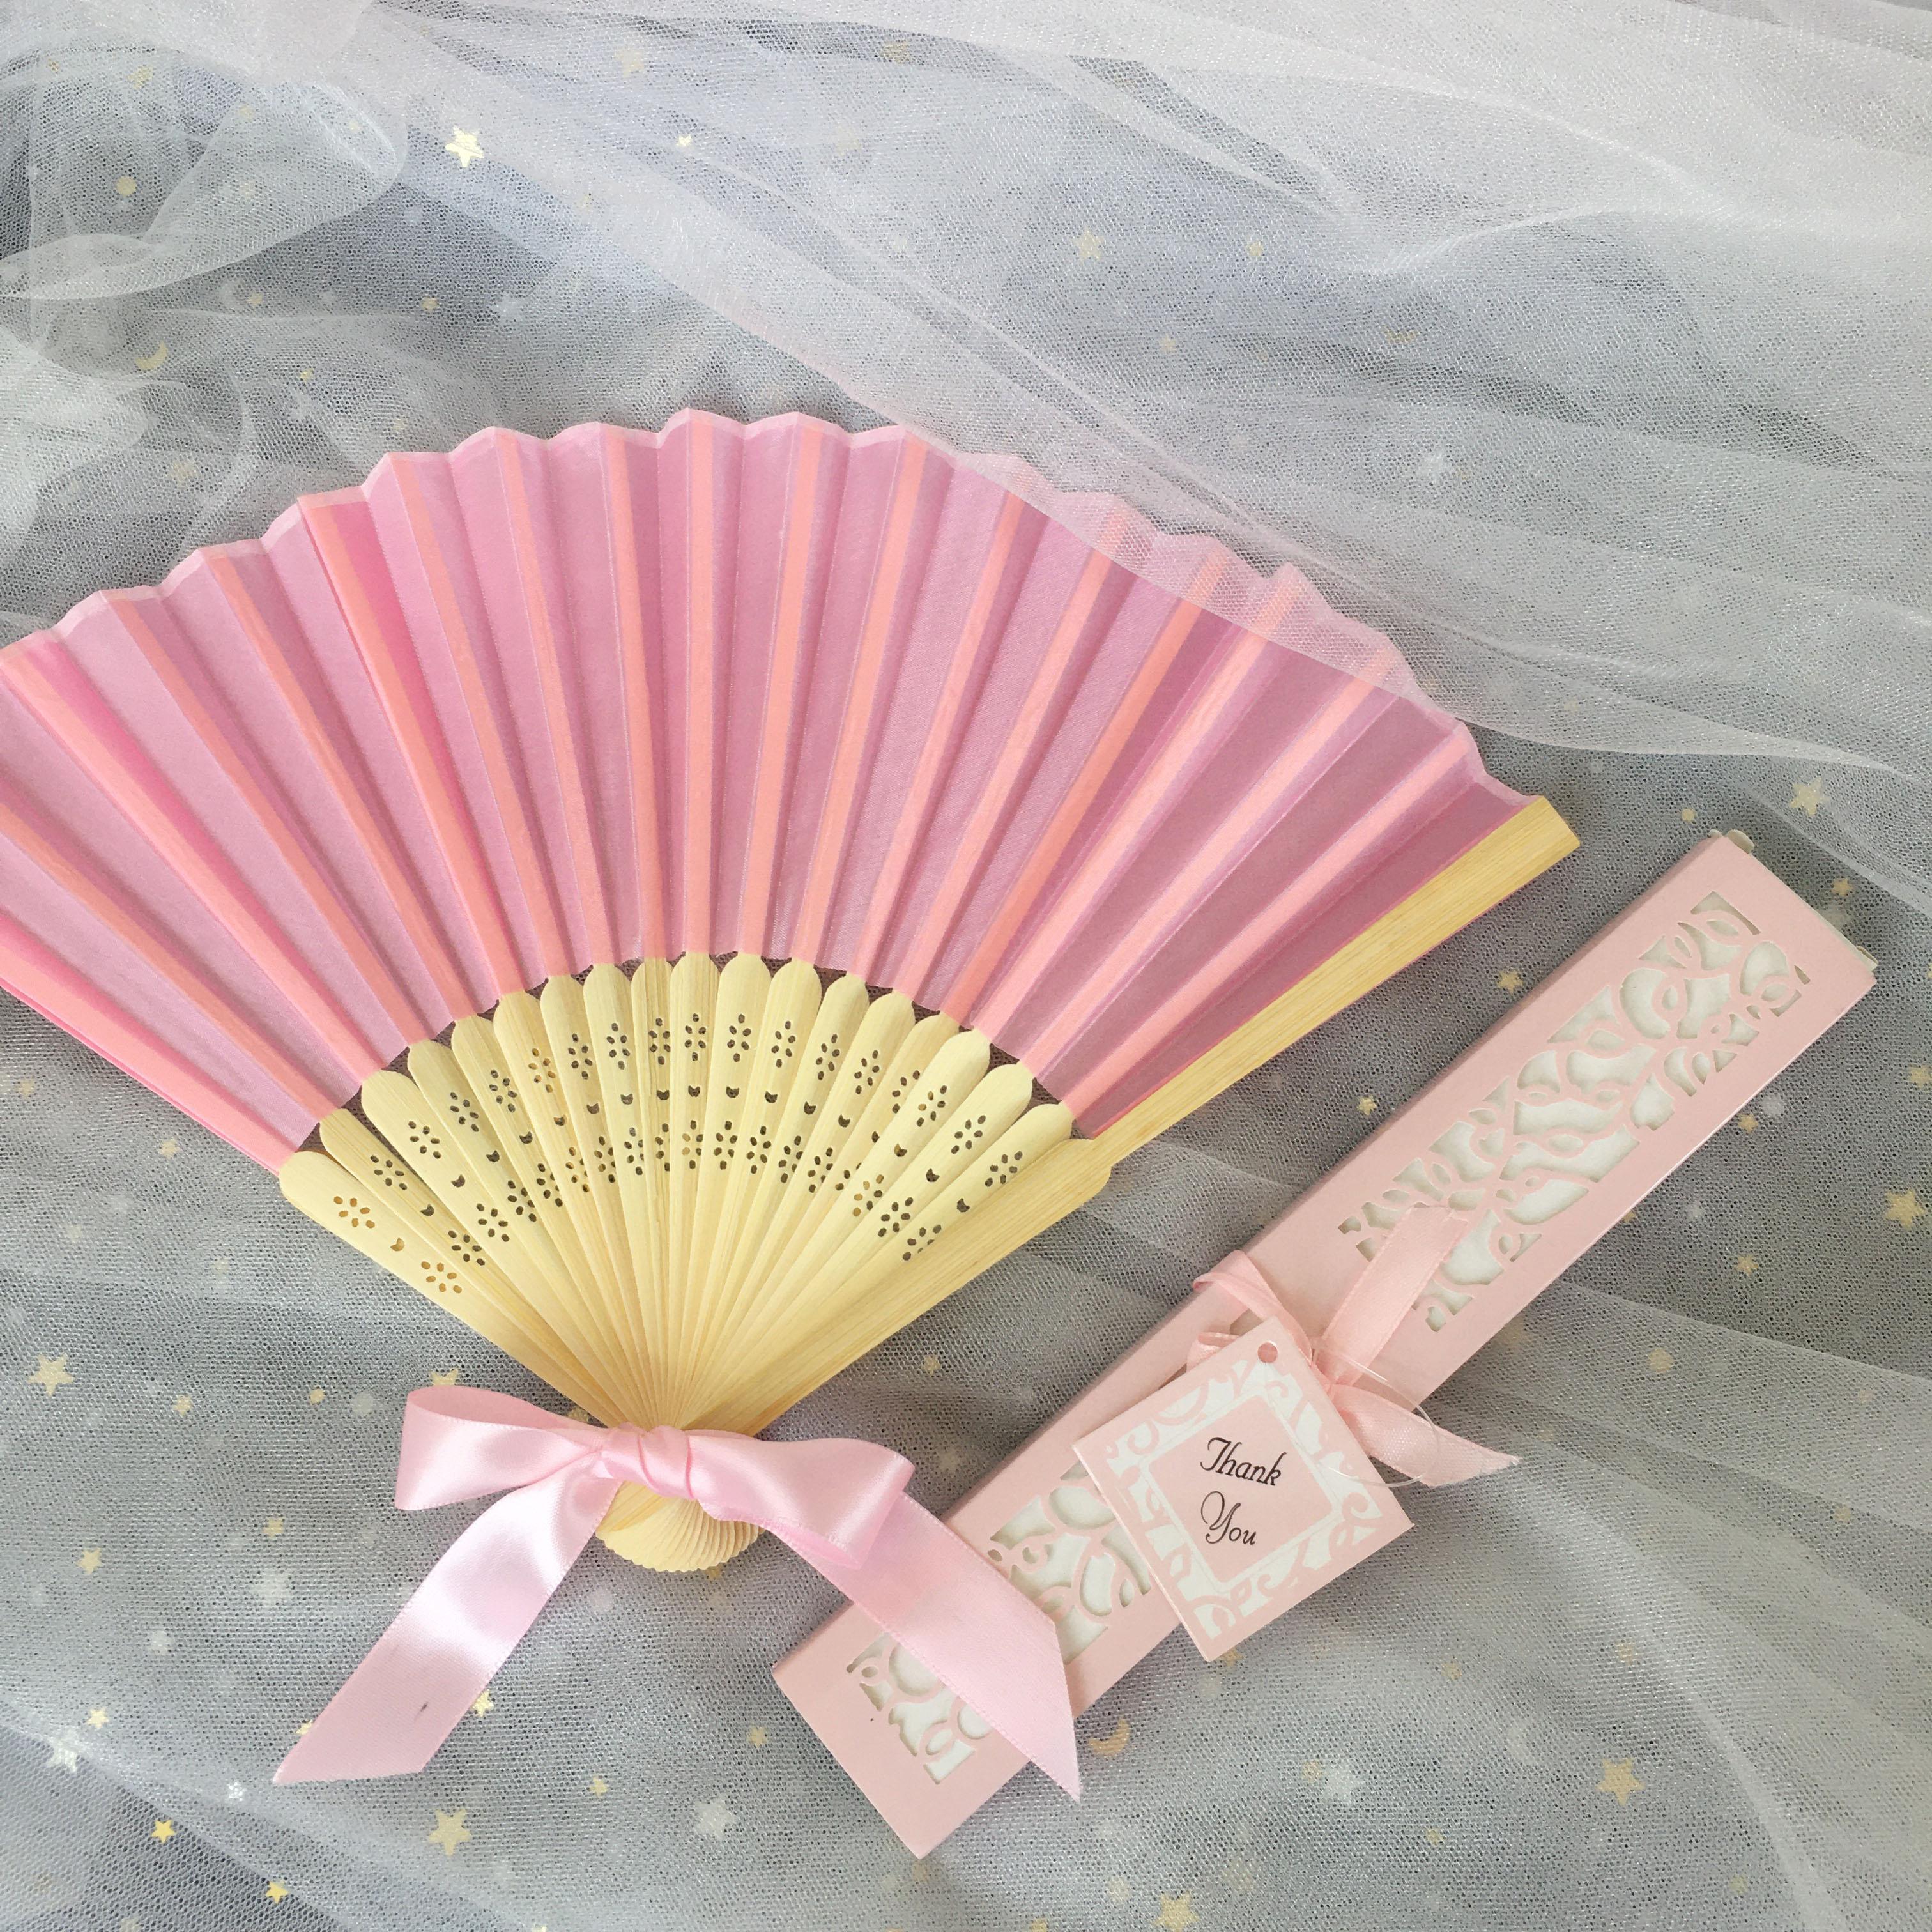 Персонализированные шелковые ручные вентиляторы с лазерными разрезными коробками Бесплатная доставка 50шт. Лот Свадебные благополучие Свадебный душ Сувенир